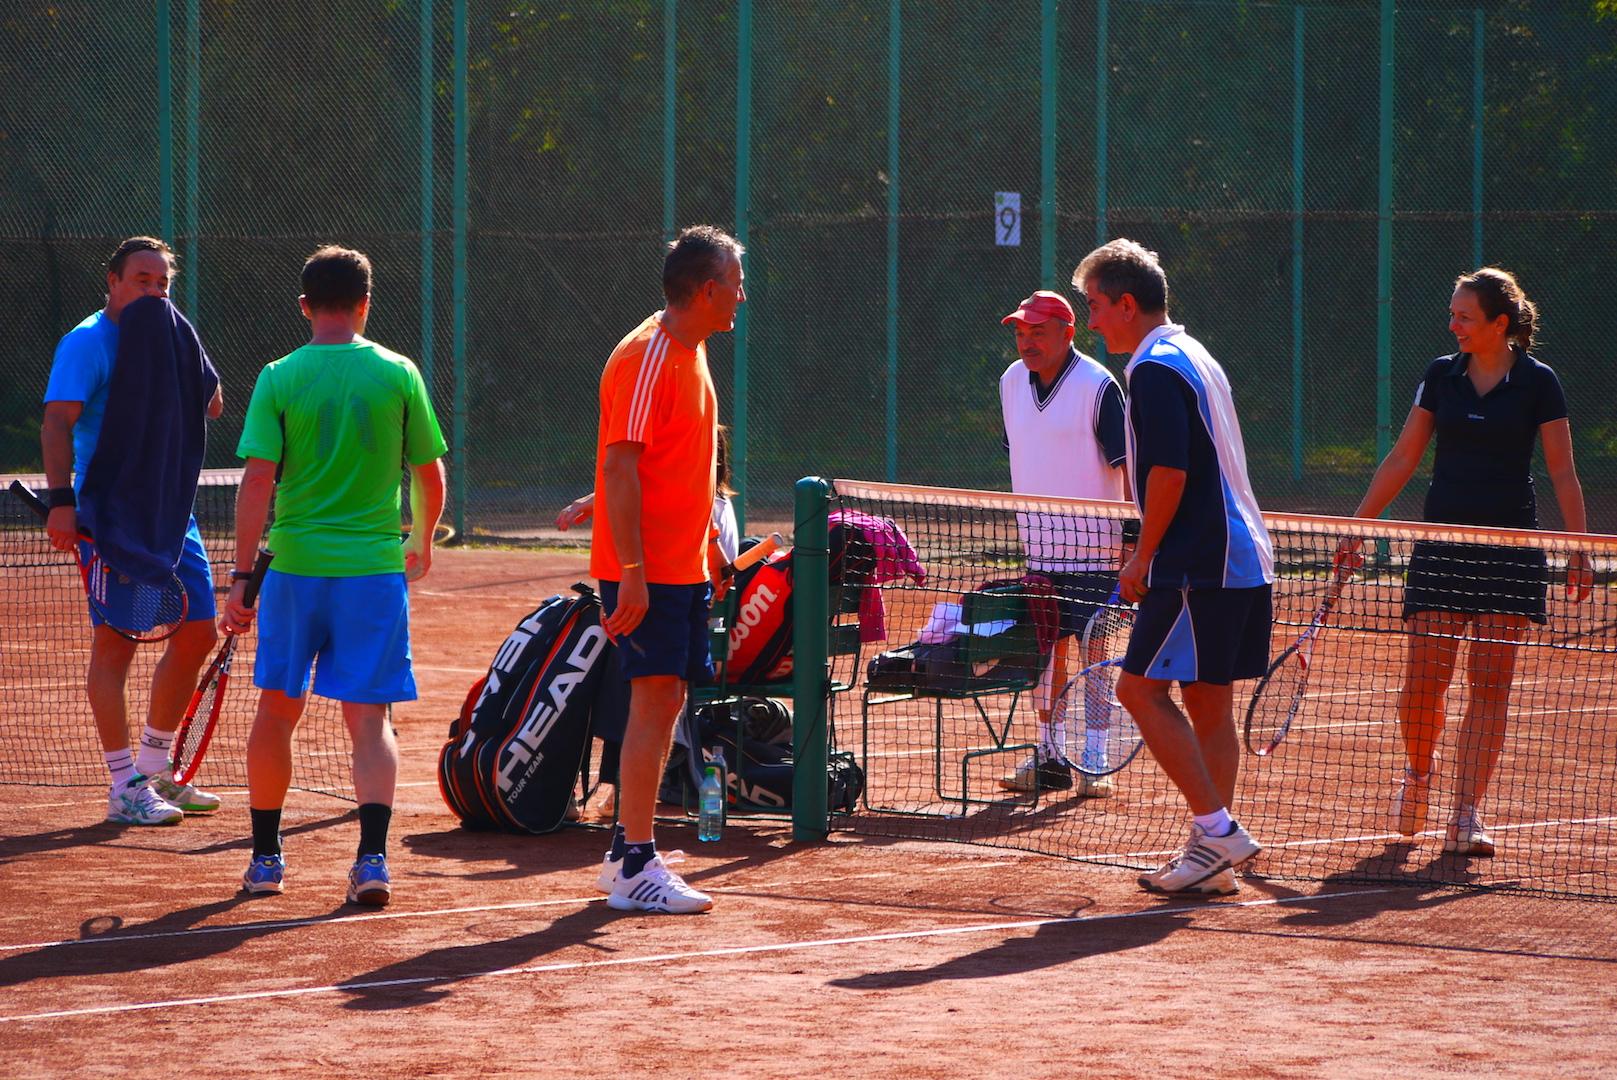 Socializare - vei intra in contact cu alti pasionati al acestui sport si iti vei putea face noi prieteni cu care sa joci tenis.